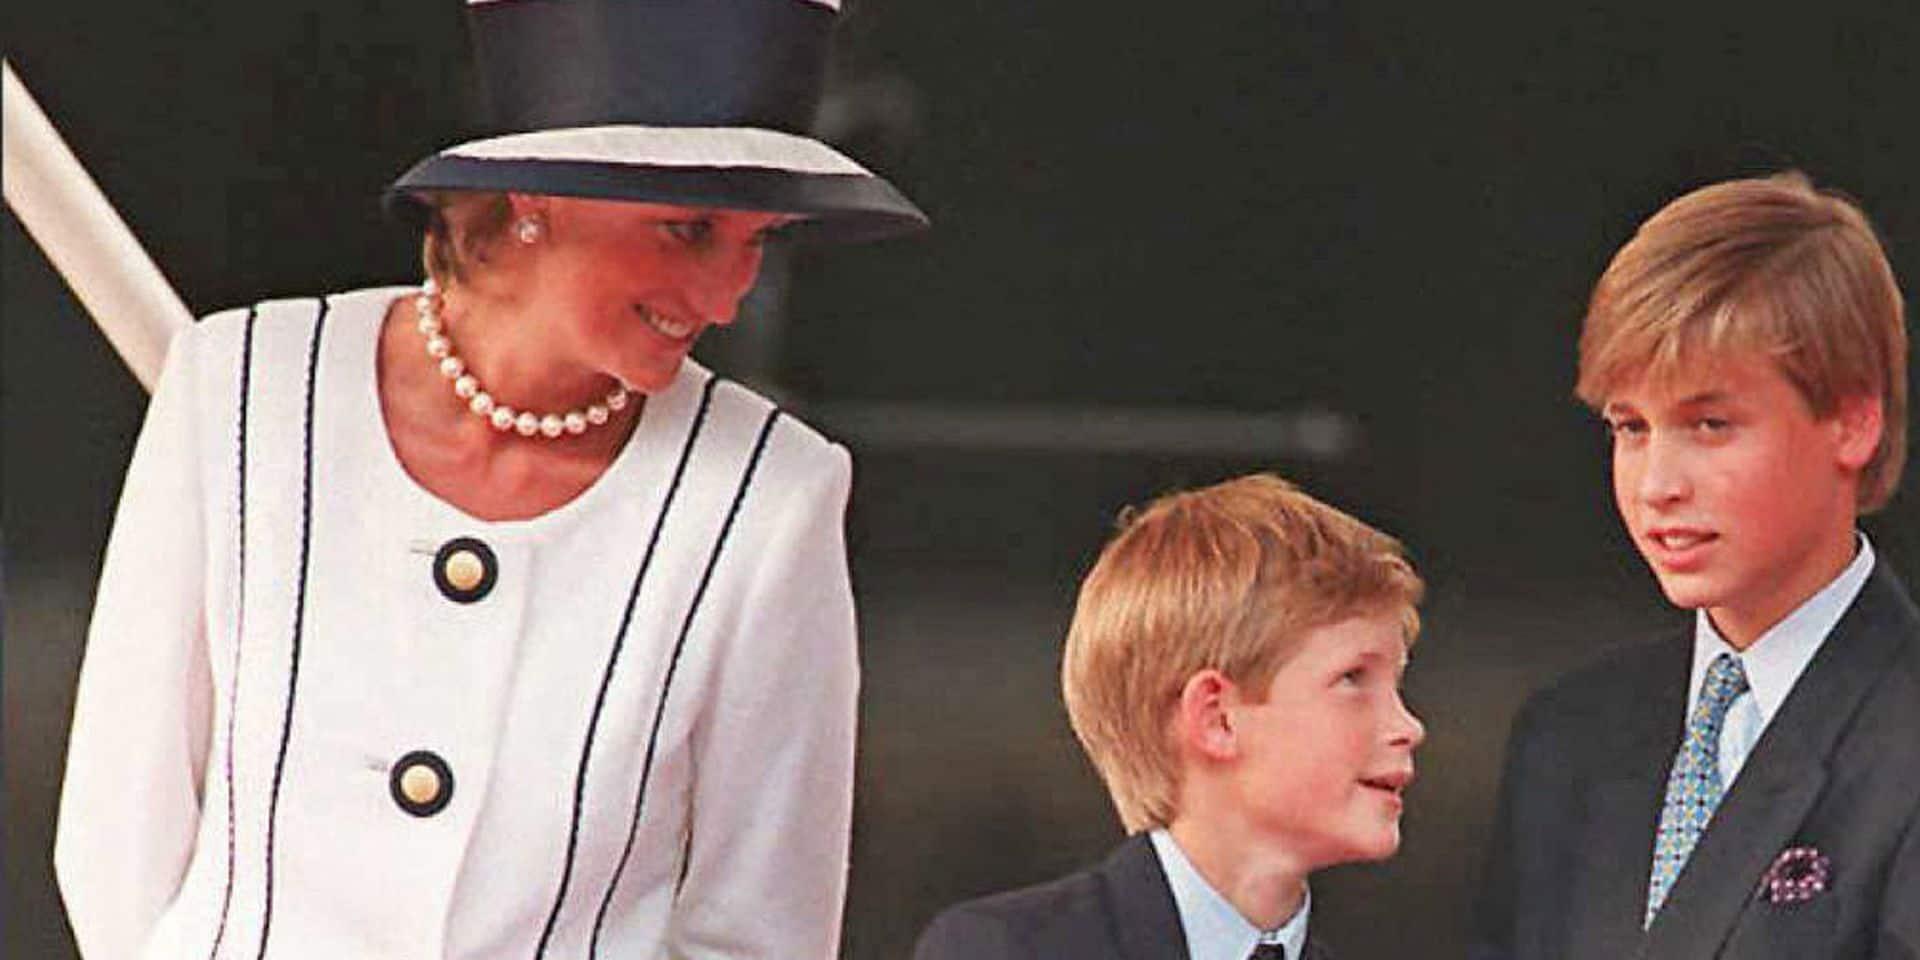 Suspecté d'être le vrai père du prince Harry, James Hewitt débarque sur Tinder